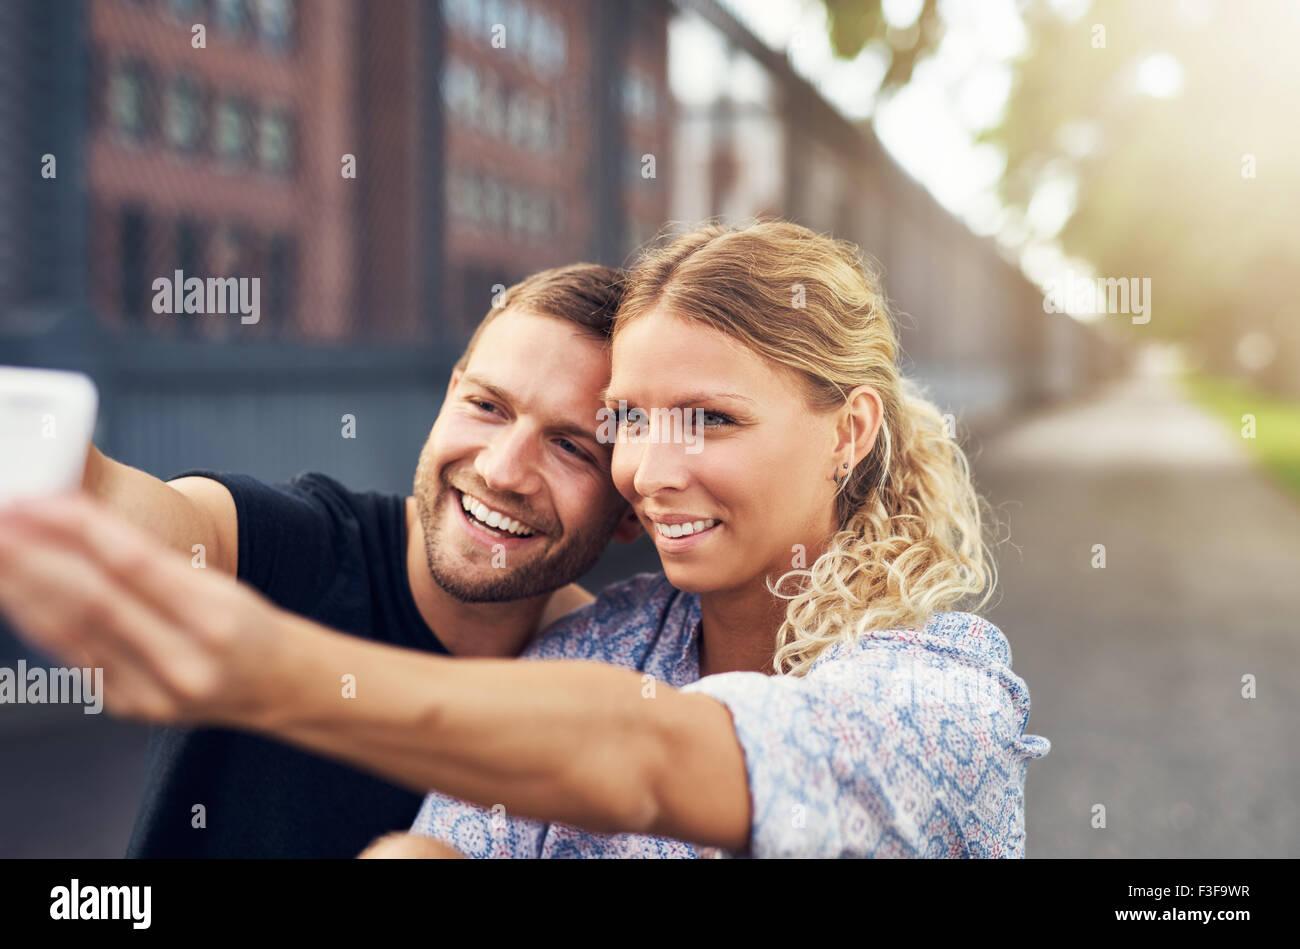 Schönes Paar eine selfie während in einem Park Stockbild